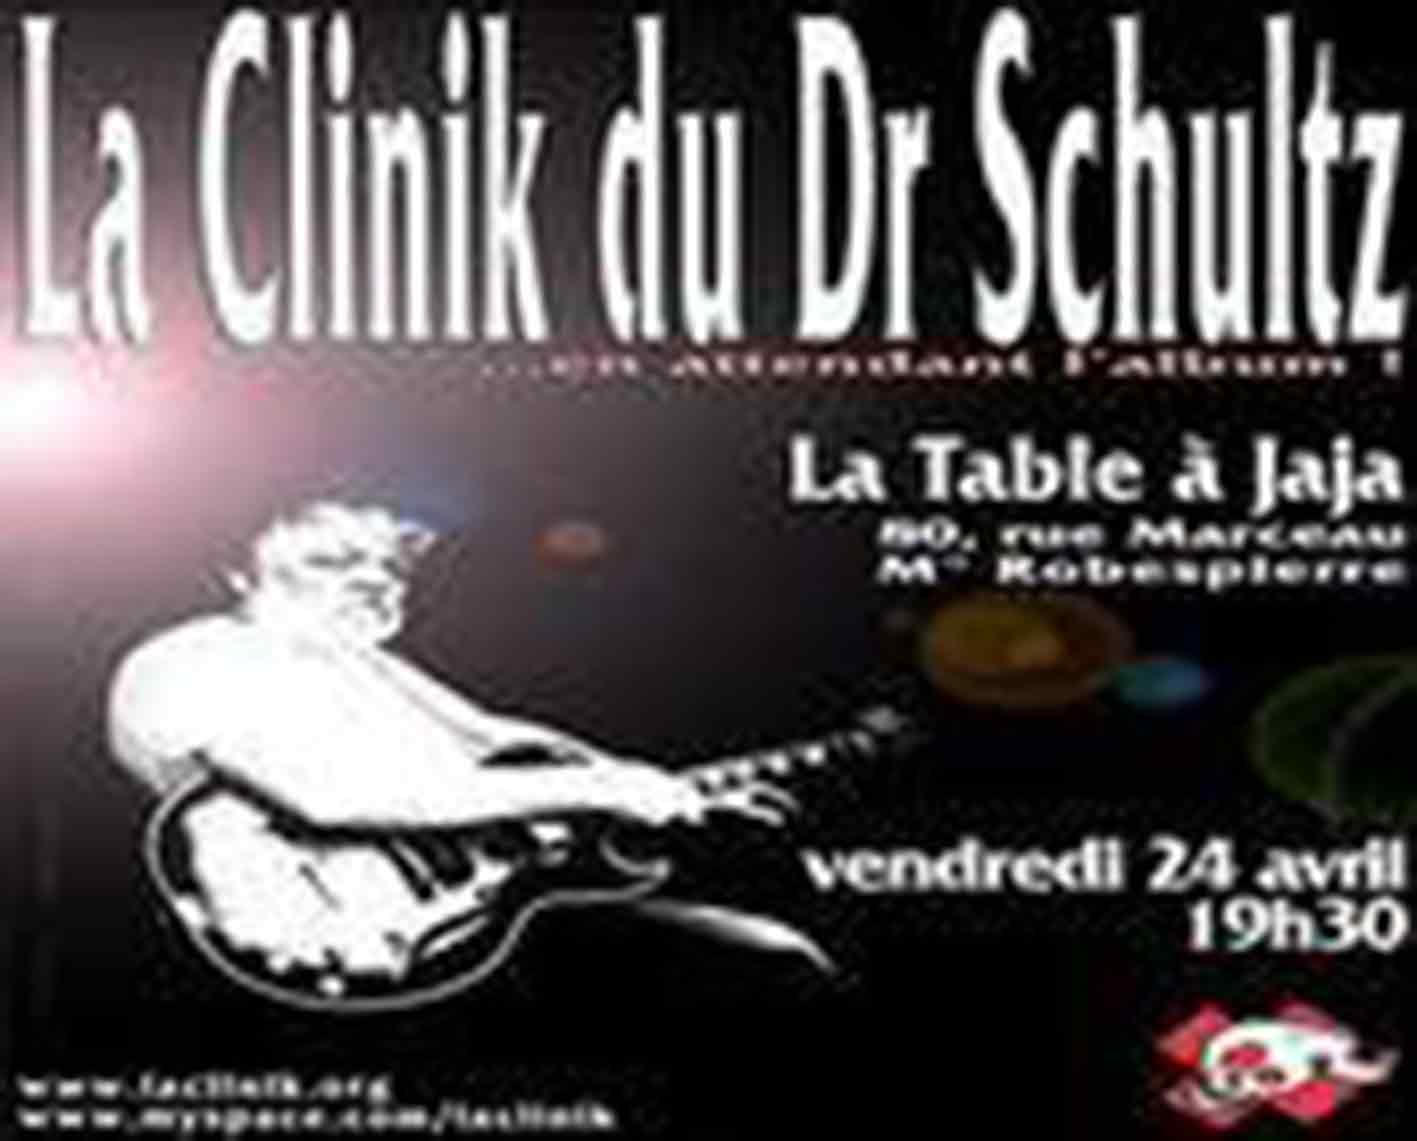 """24 avril 2009 (?) la Clinik du Dr Schultz à Montreuil """"la Table à Jaja"""""""